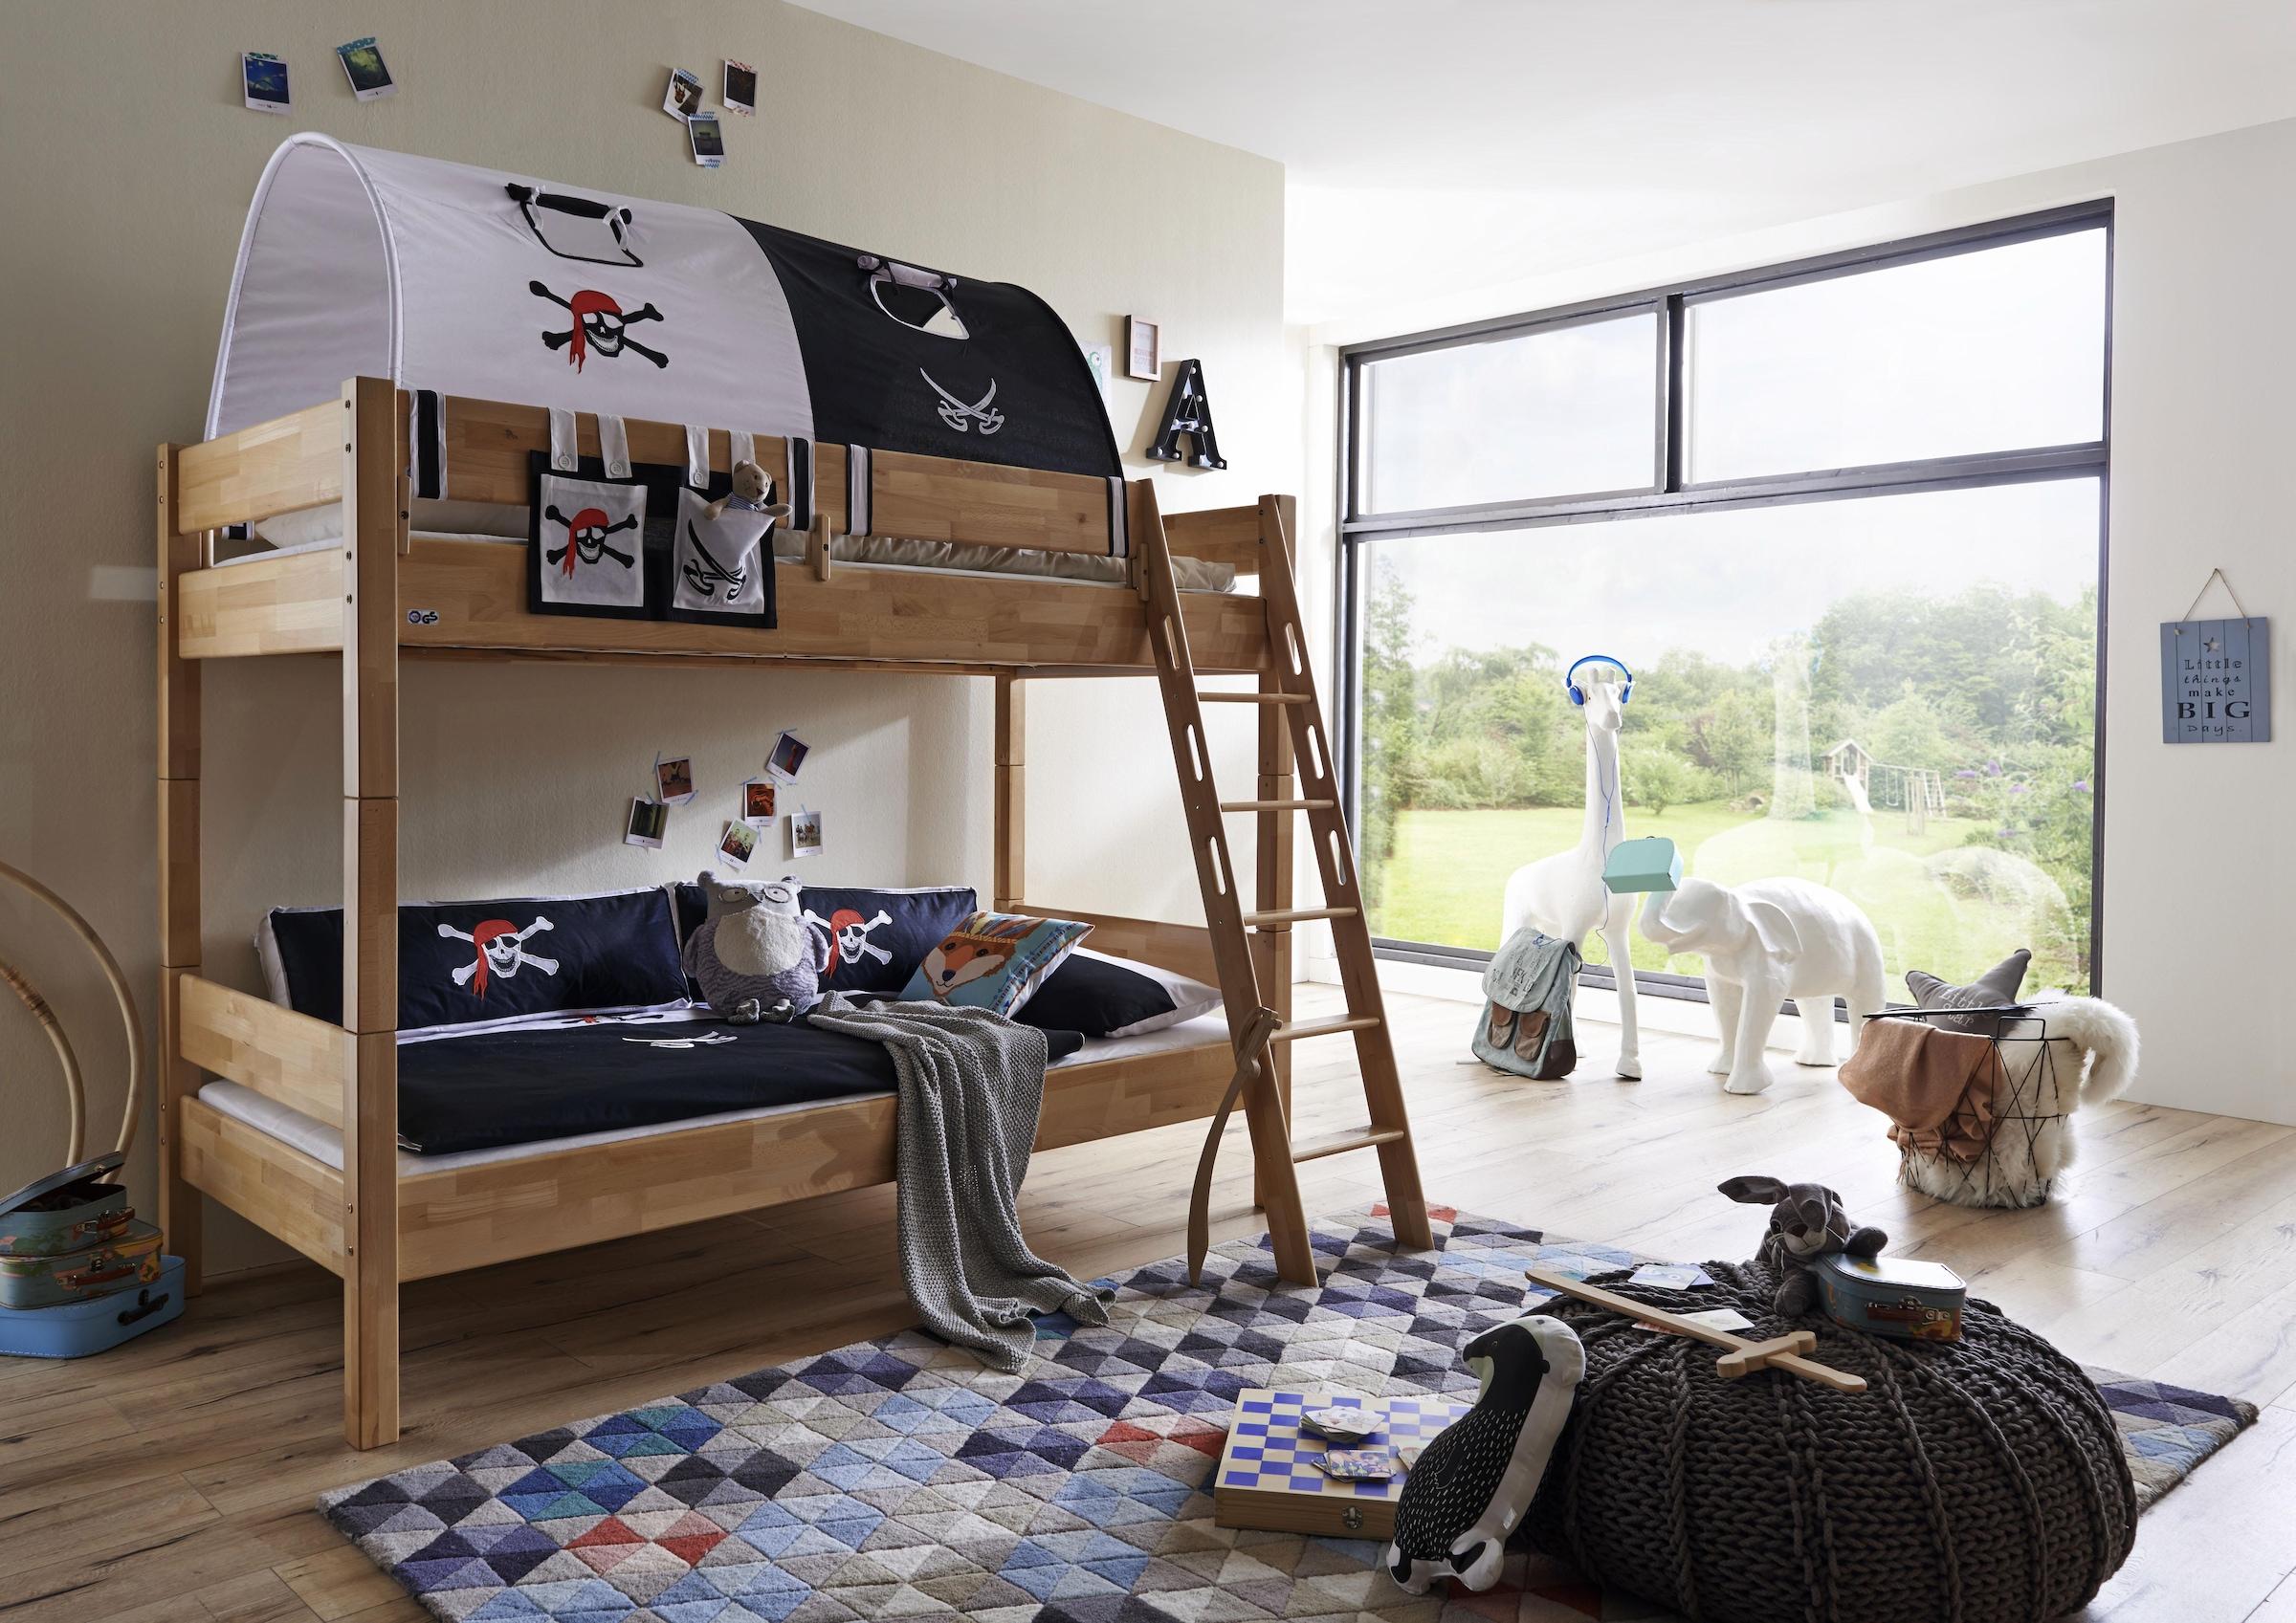 Etagenbett Set : Blau buche massiv etagenbetten online kaufen möbel suchmaschine